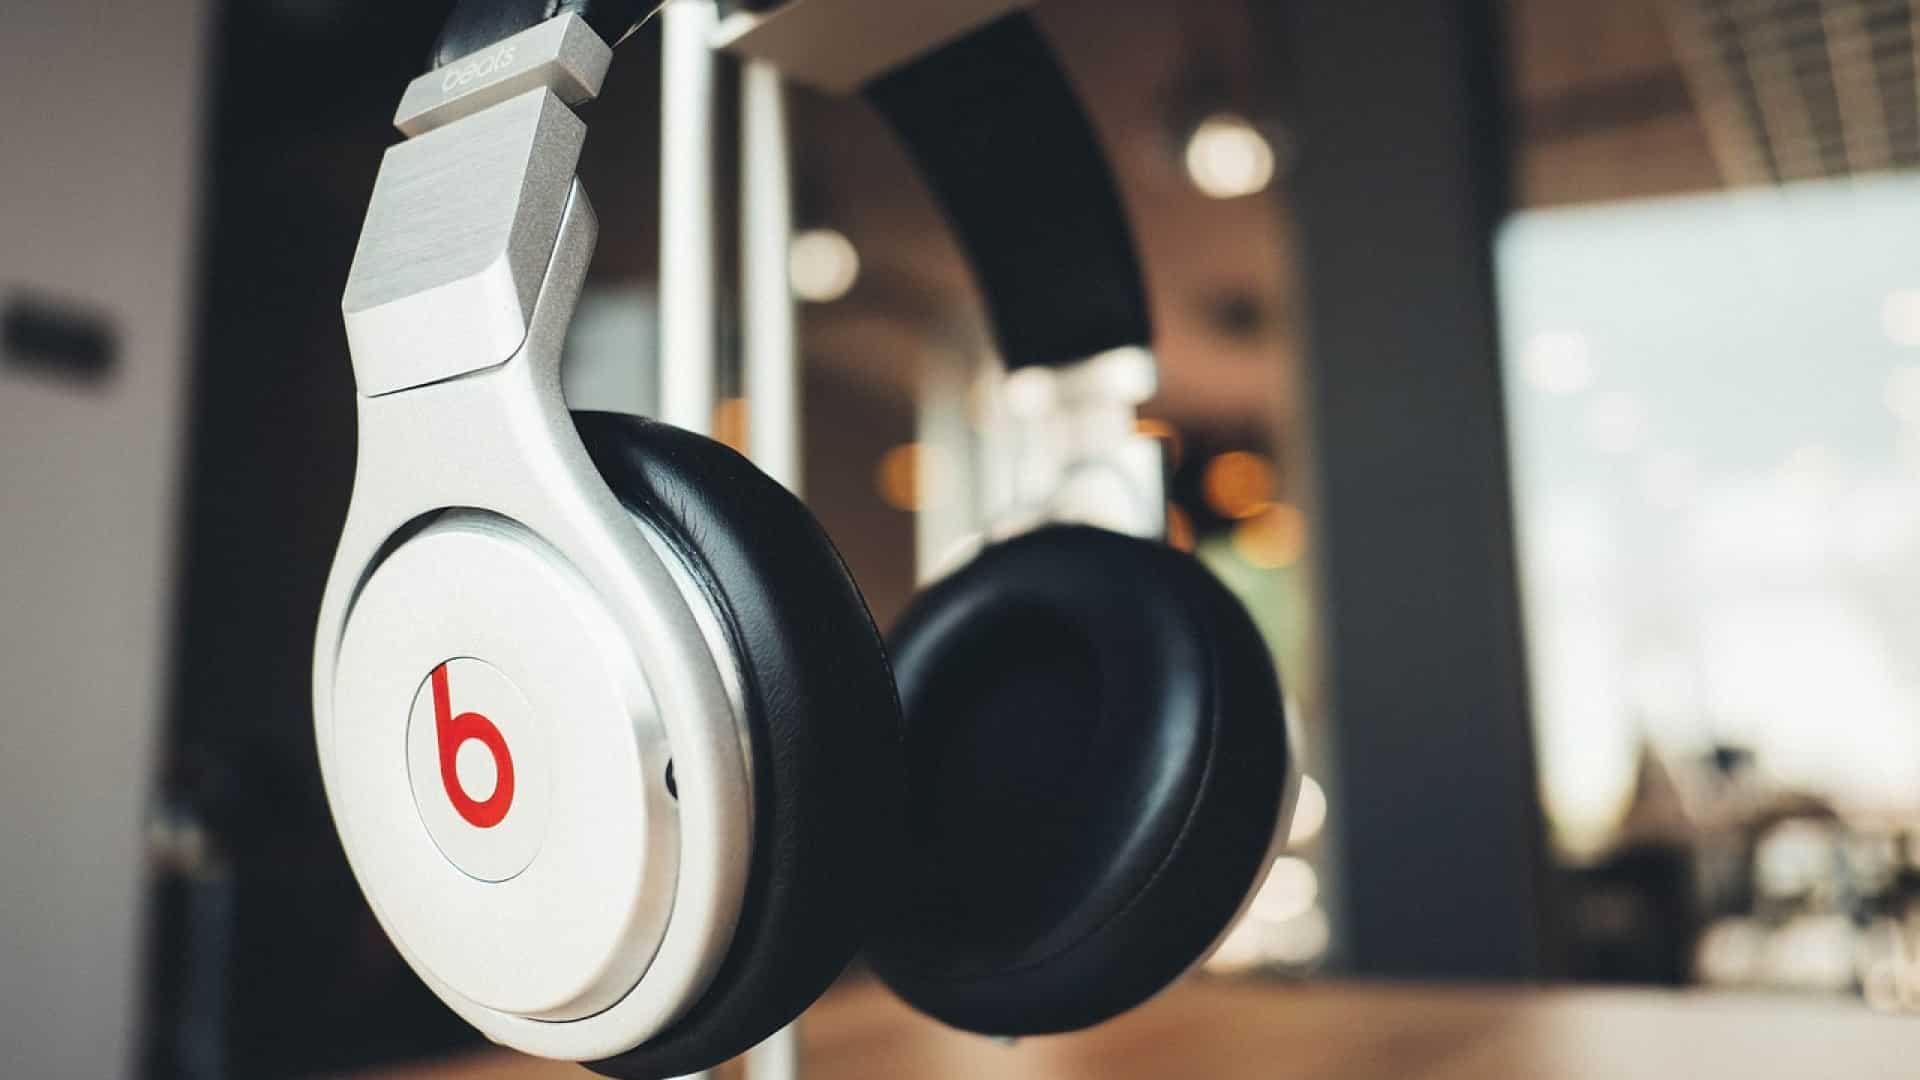 Un casque anti bruit : tout ce qu'il faut savoir